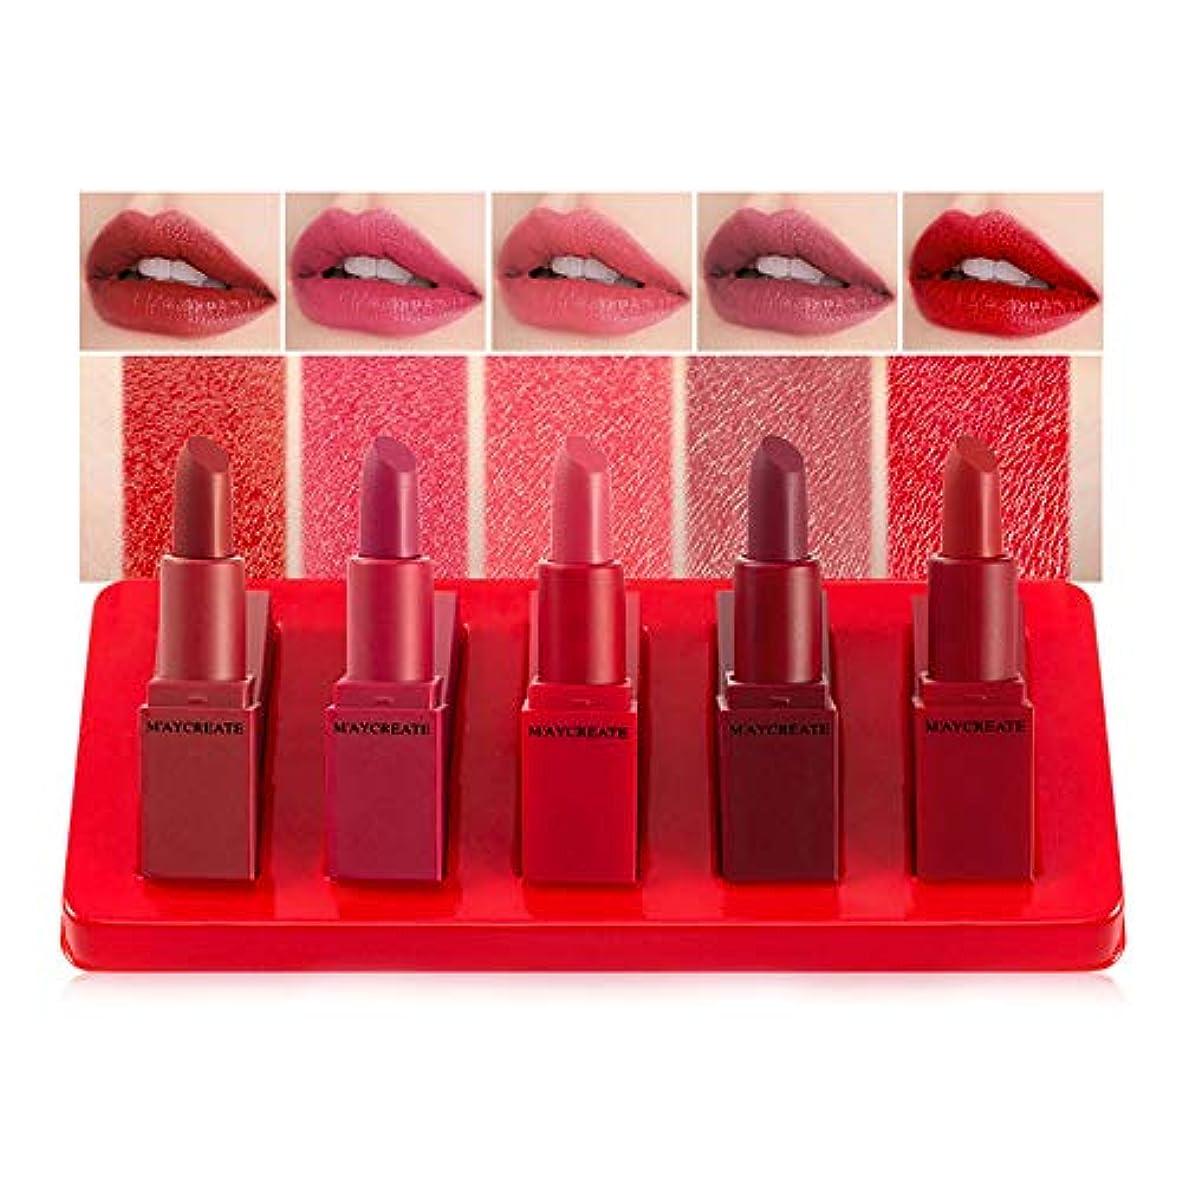 程度浸した礼拝5本/セット口紅化粧品女性化粧セット保湿バームファッション防水セクシーな口紅